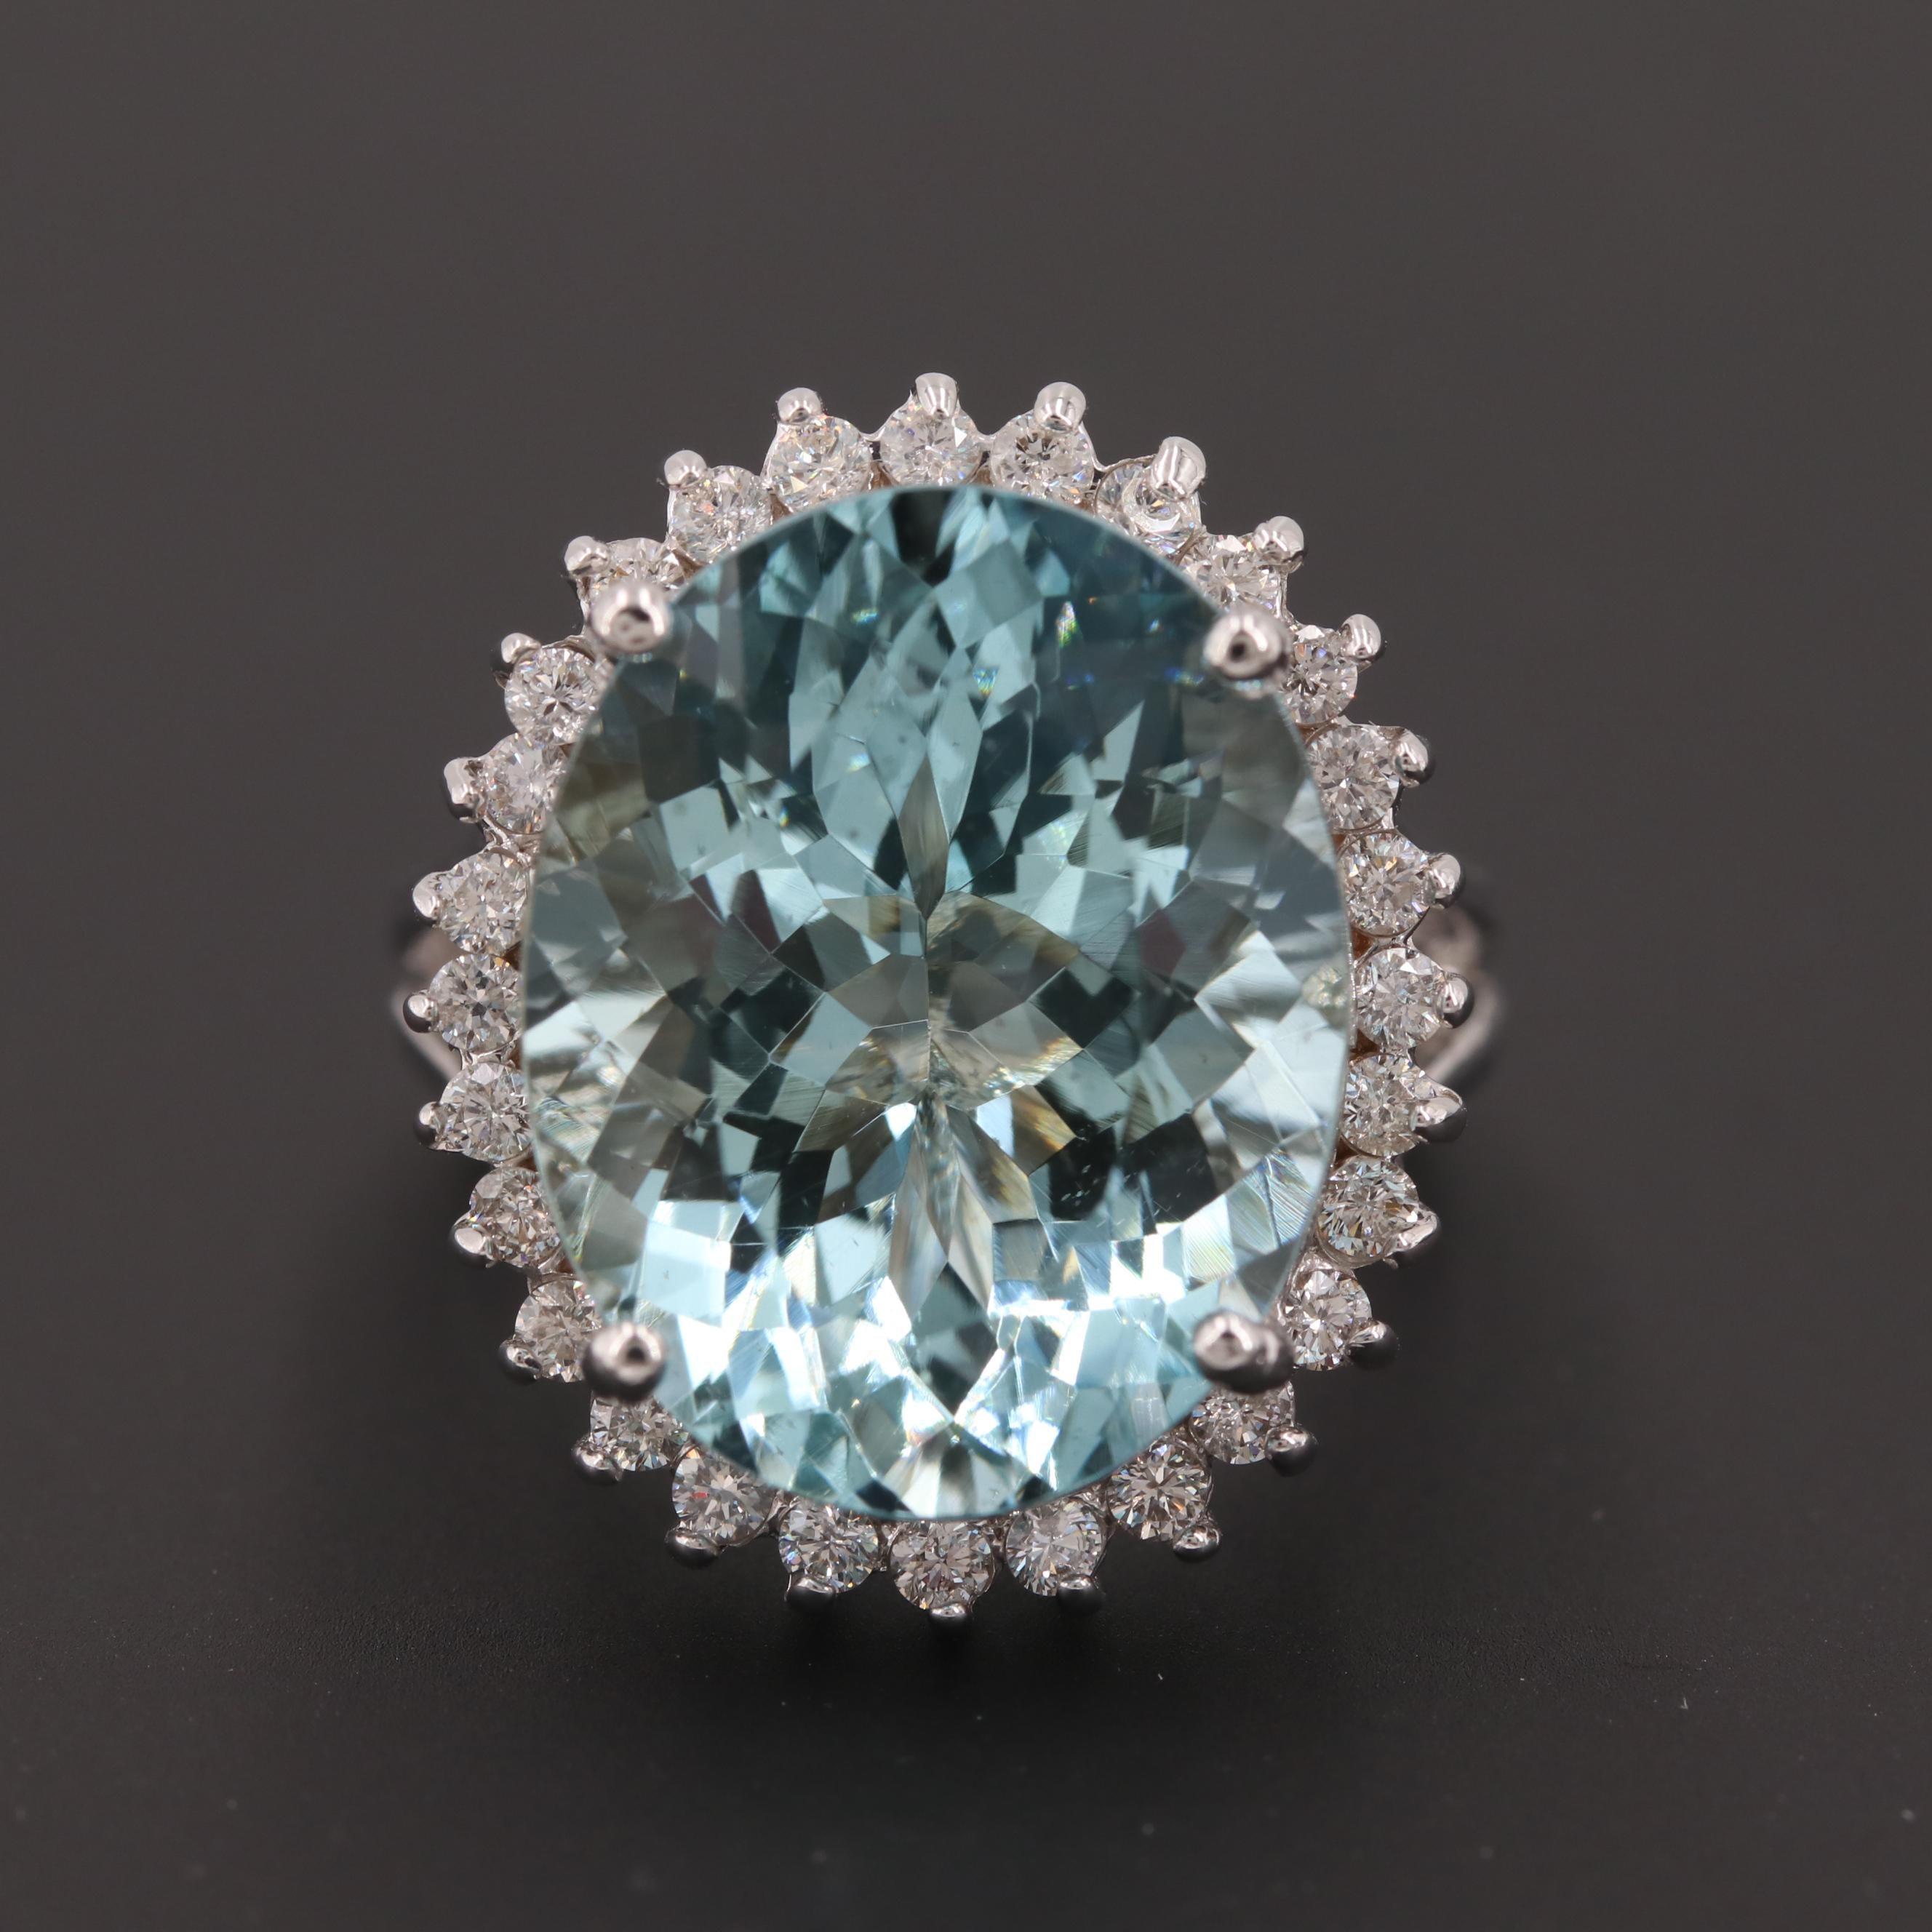 18K White Gold 13.70 CT Aquamarine and Diamond Ring